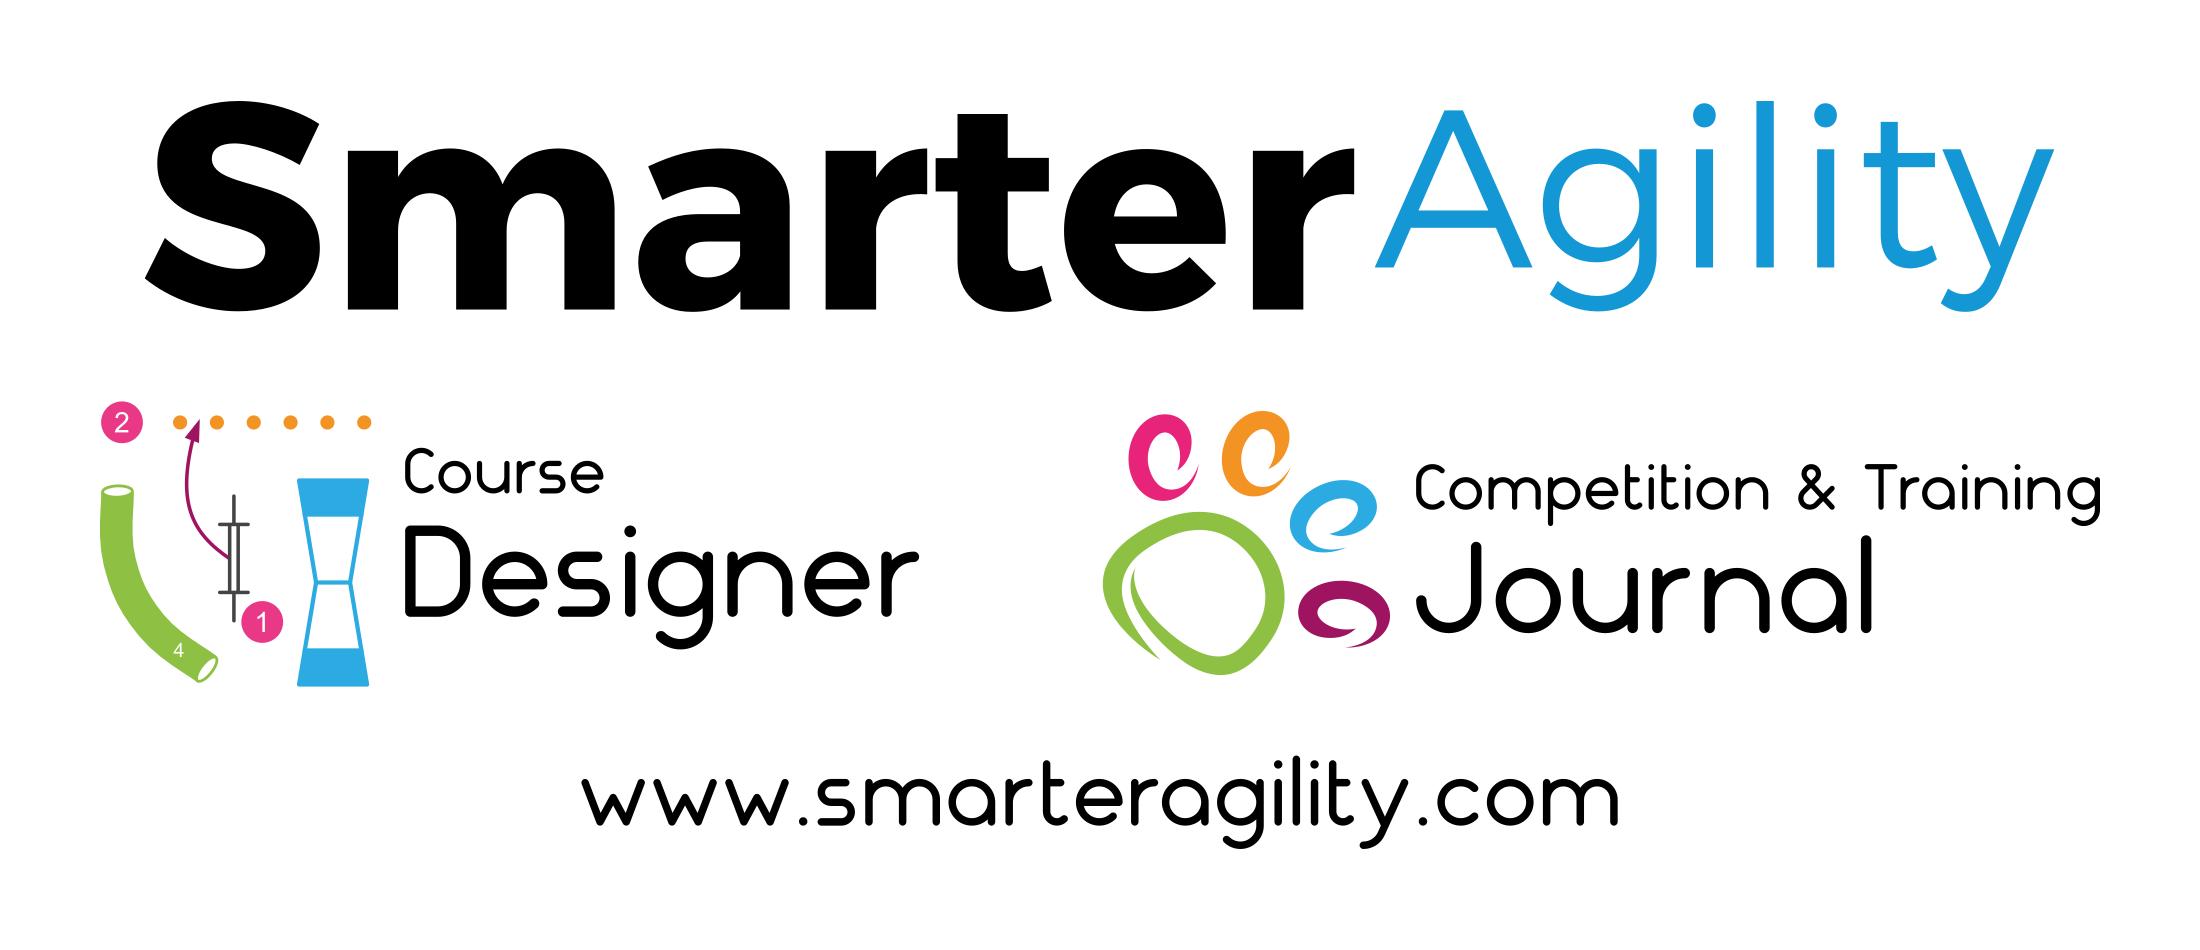 www.smarteragility.com